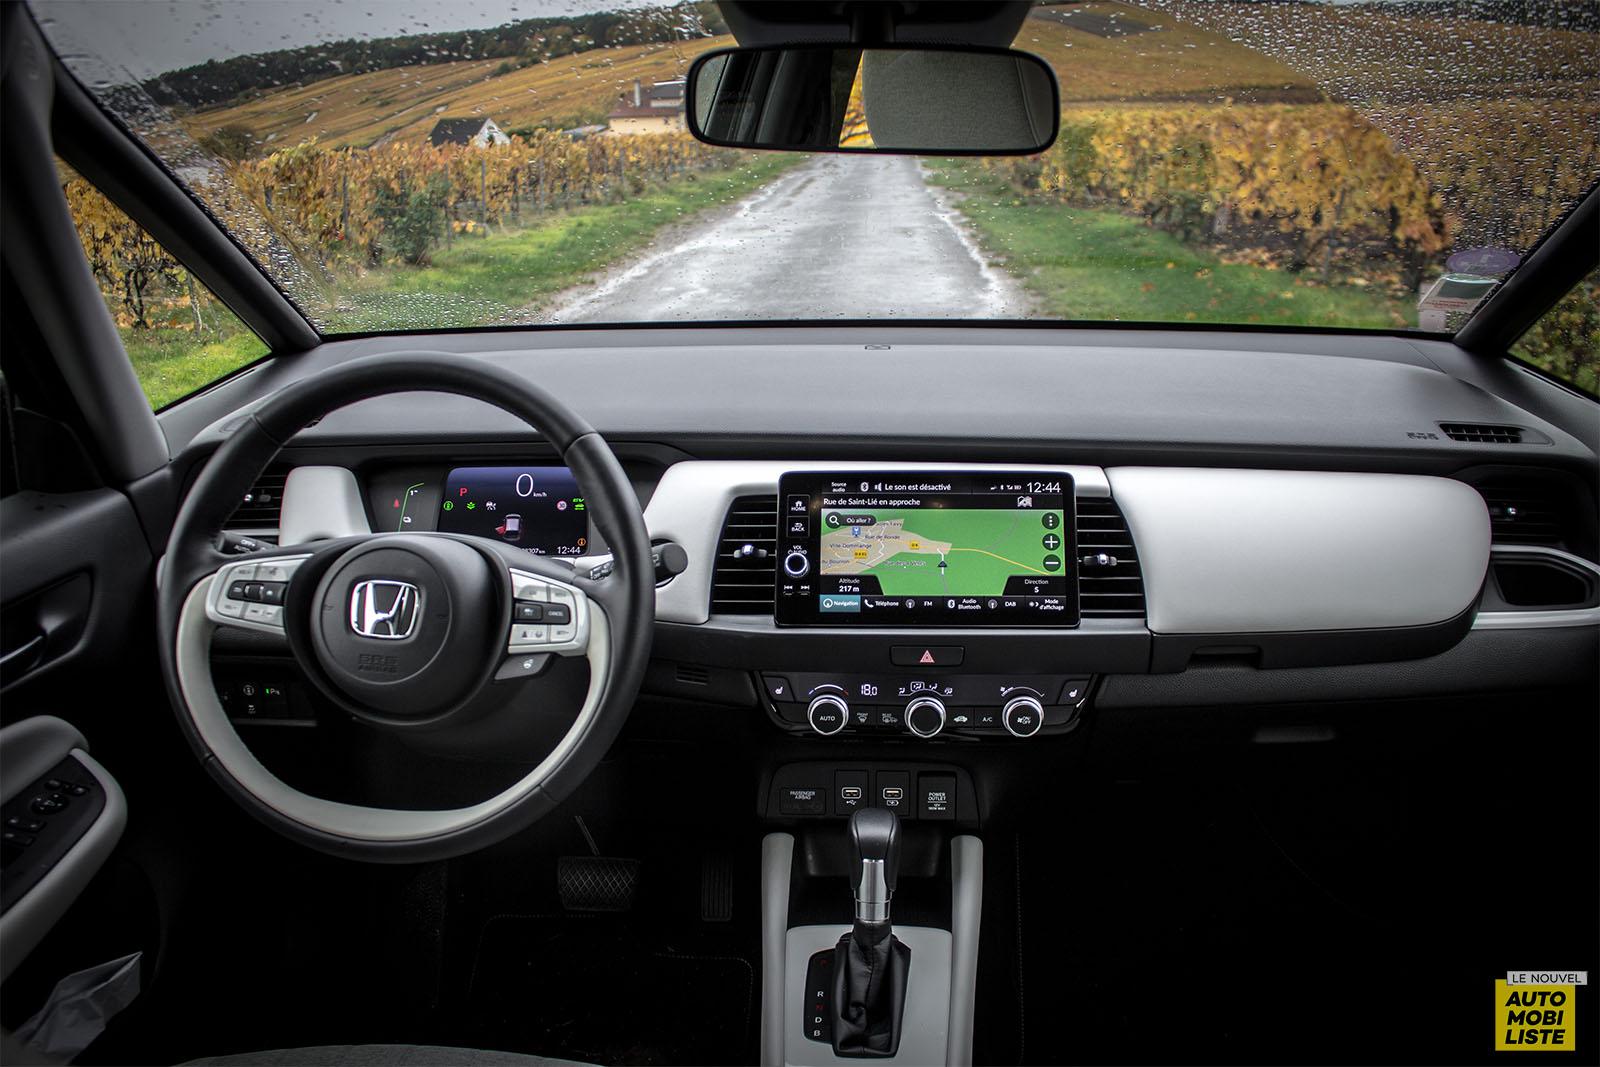 Essai Honda Jazz e HEV 11